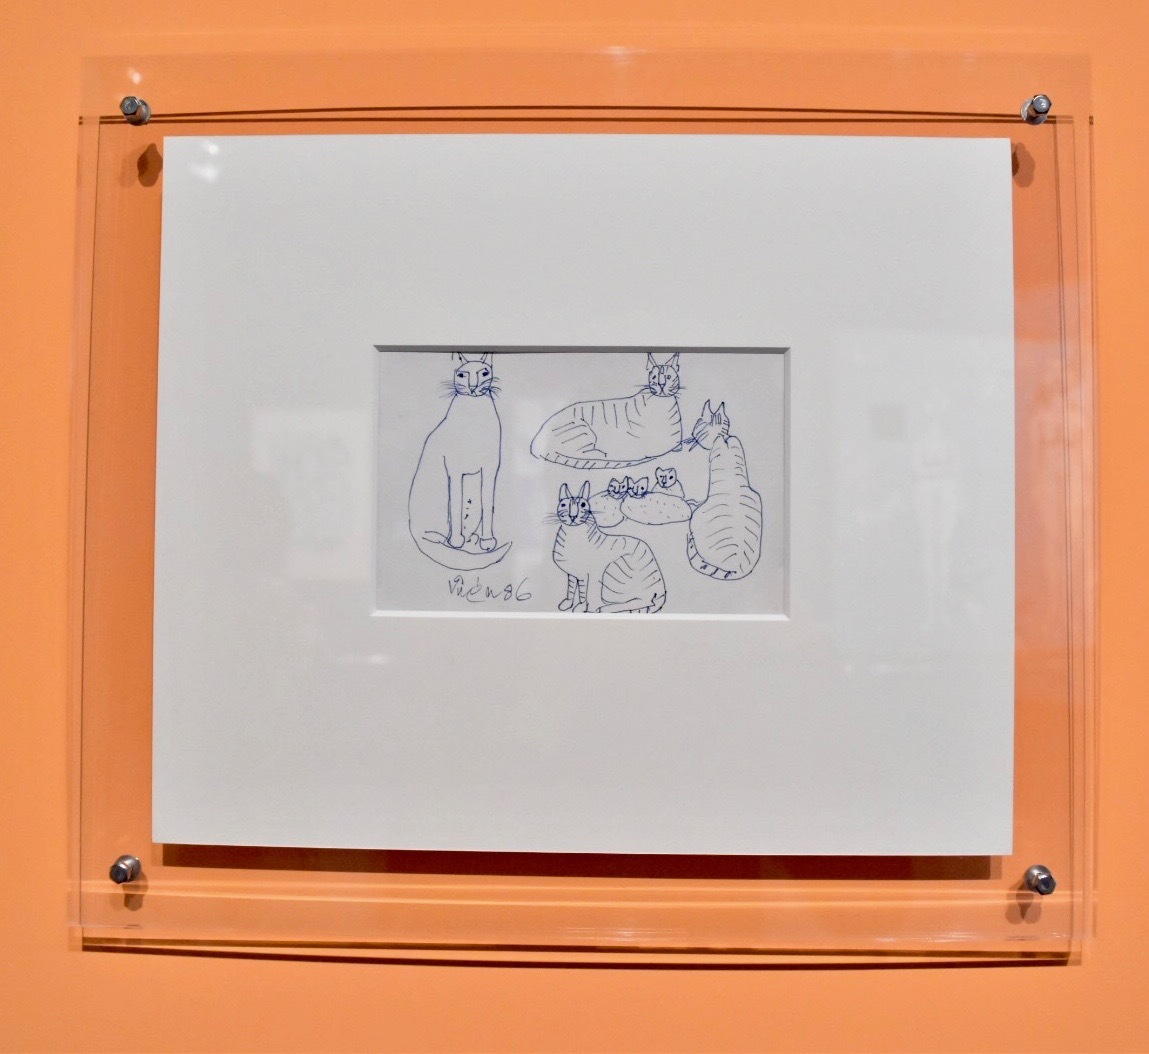 猪熊弦一郎 1986年 丸亀市猪熊弦一郎現代美術館